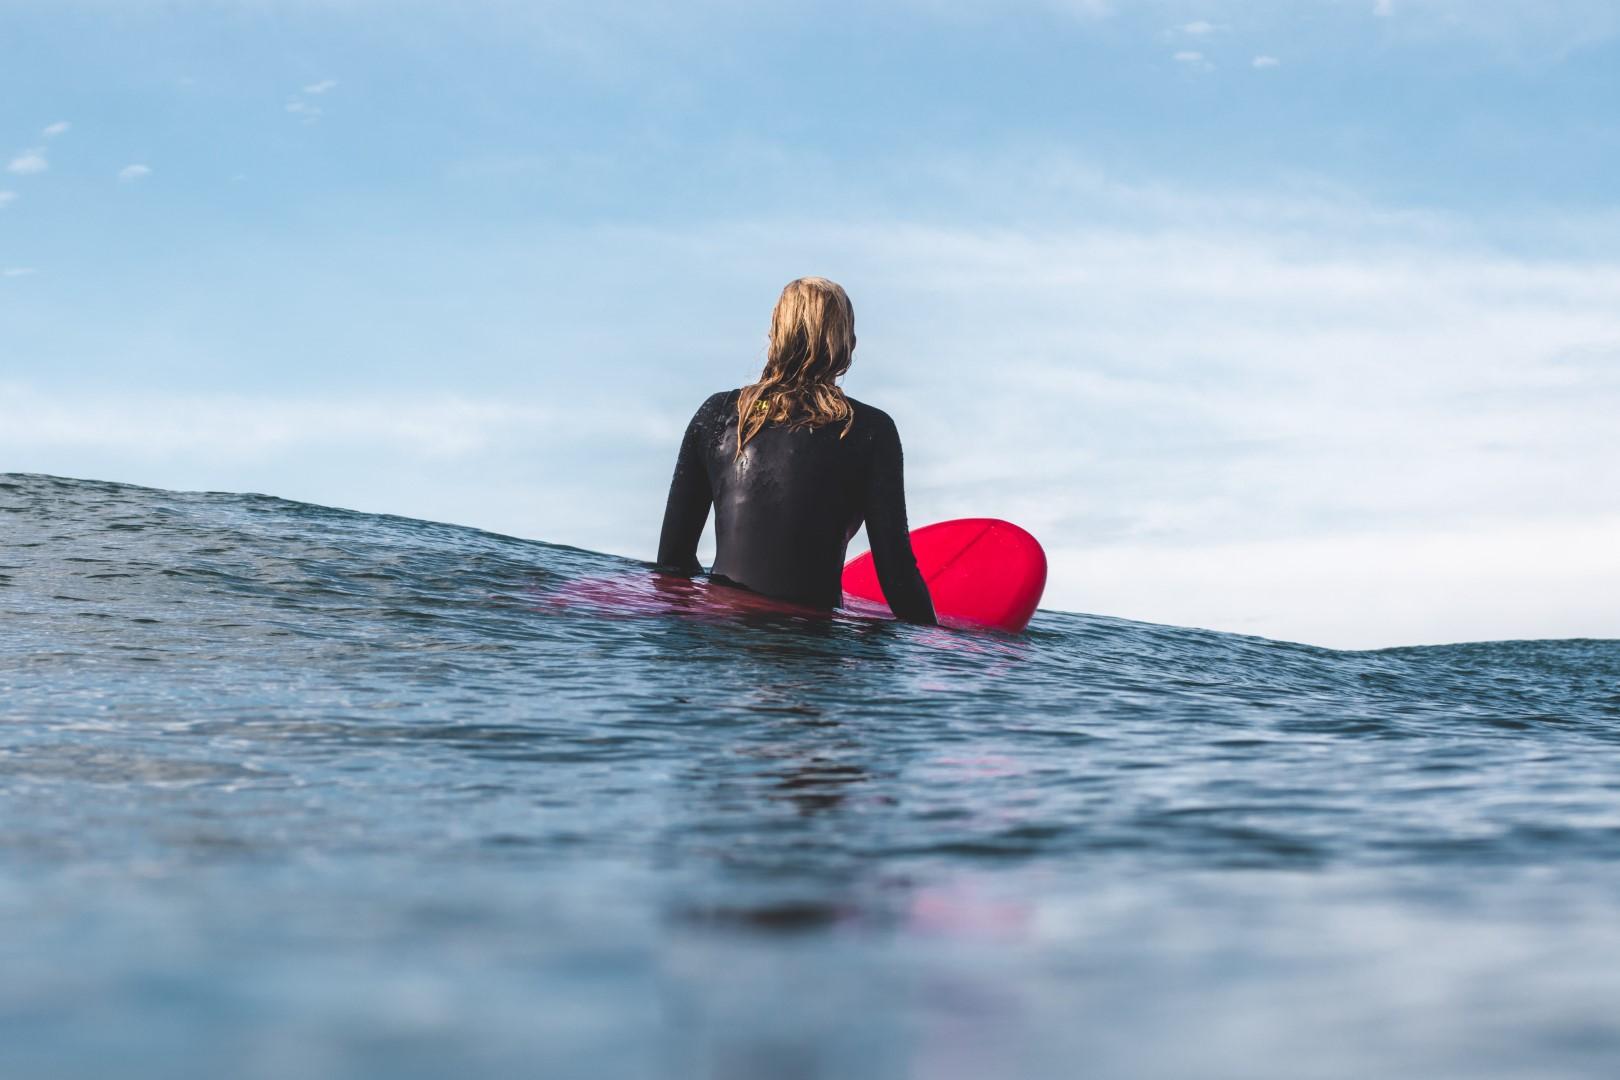 Surfer in water on surfboard